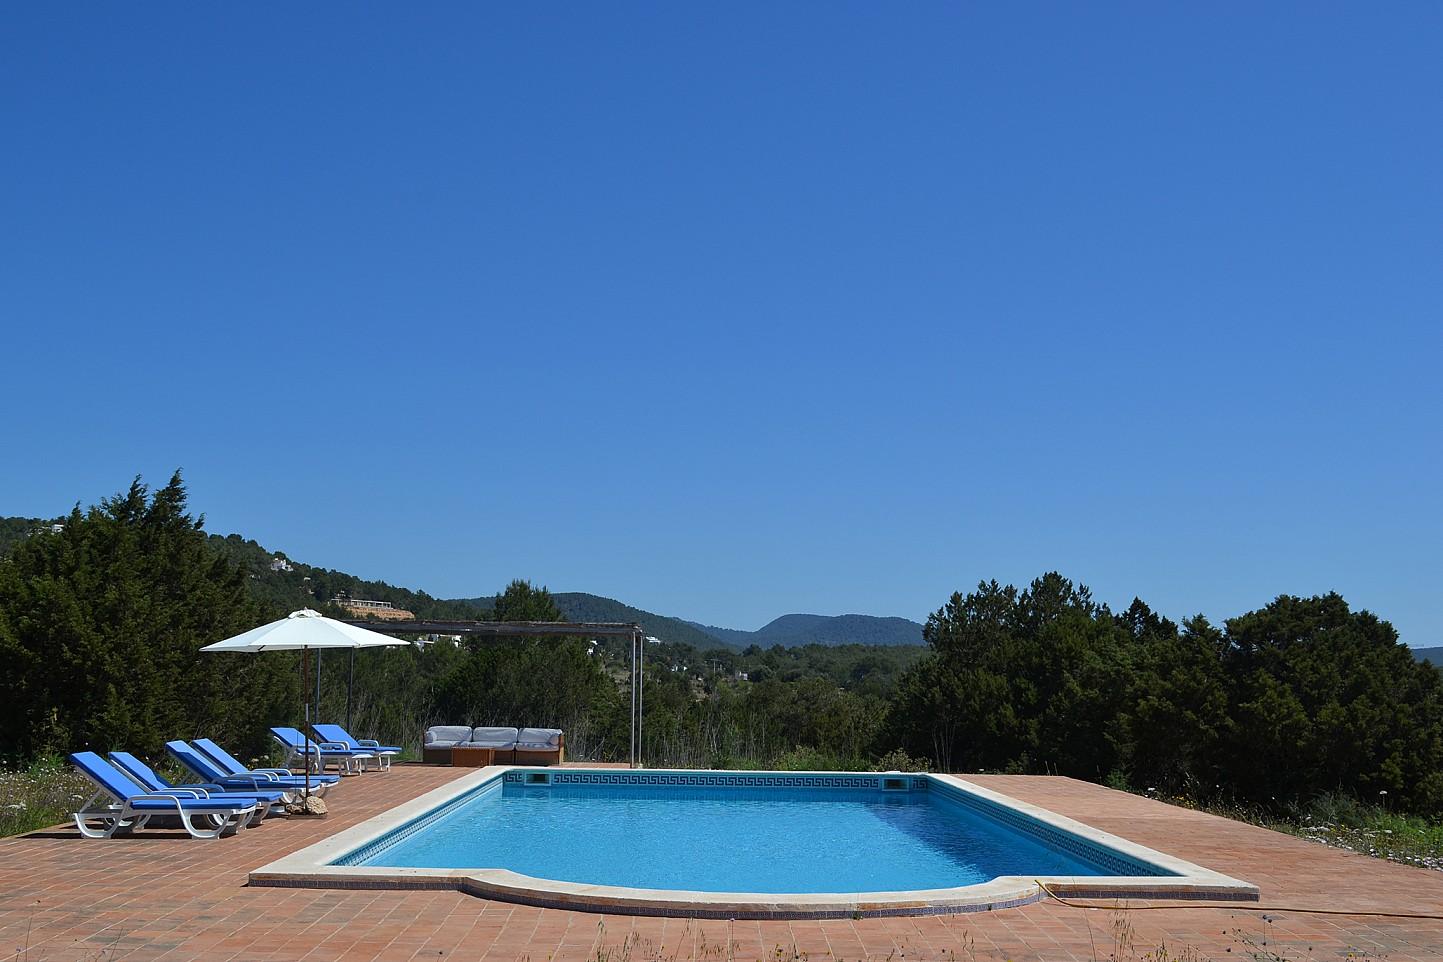 Vistas exteriores de la piscina y las hamacas